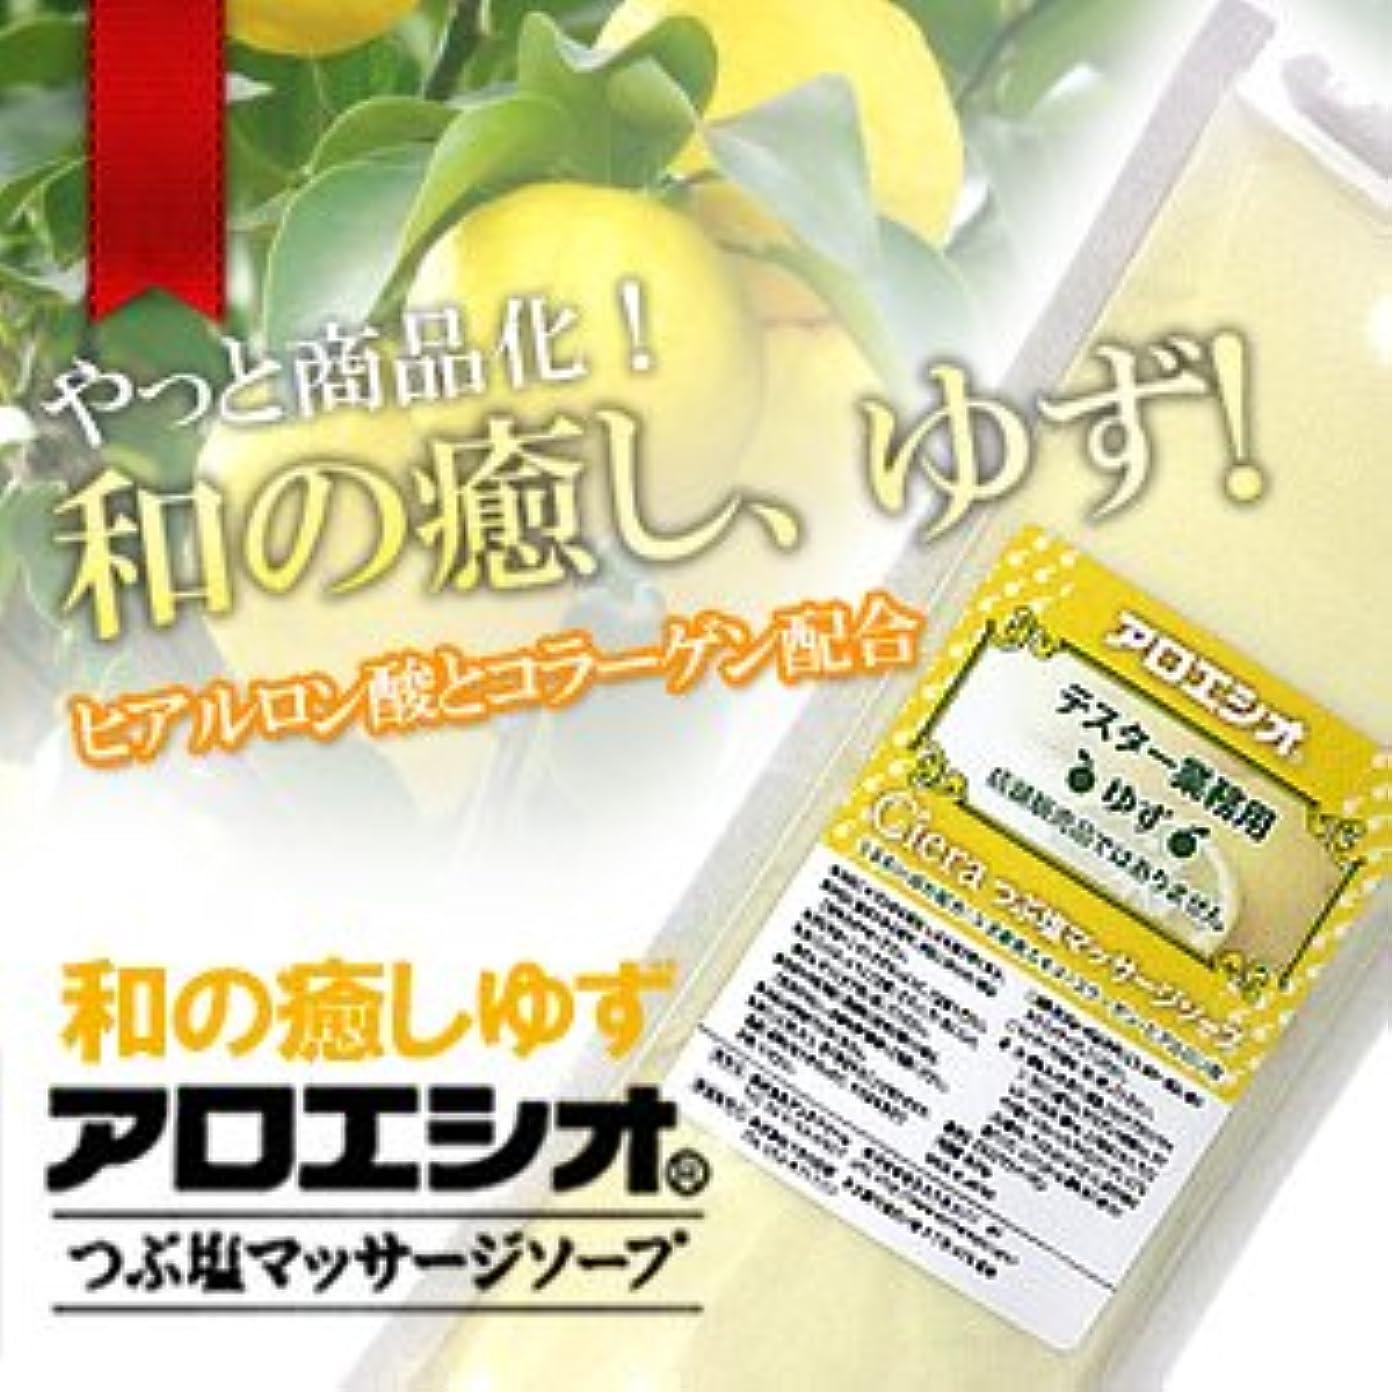 今日ママヘッジゆず アロエ塩 800g つぶ塩マッサージソープ/フタバ化学 アロエシオ